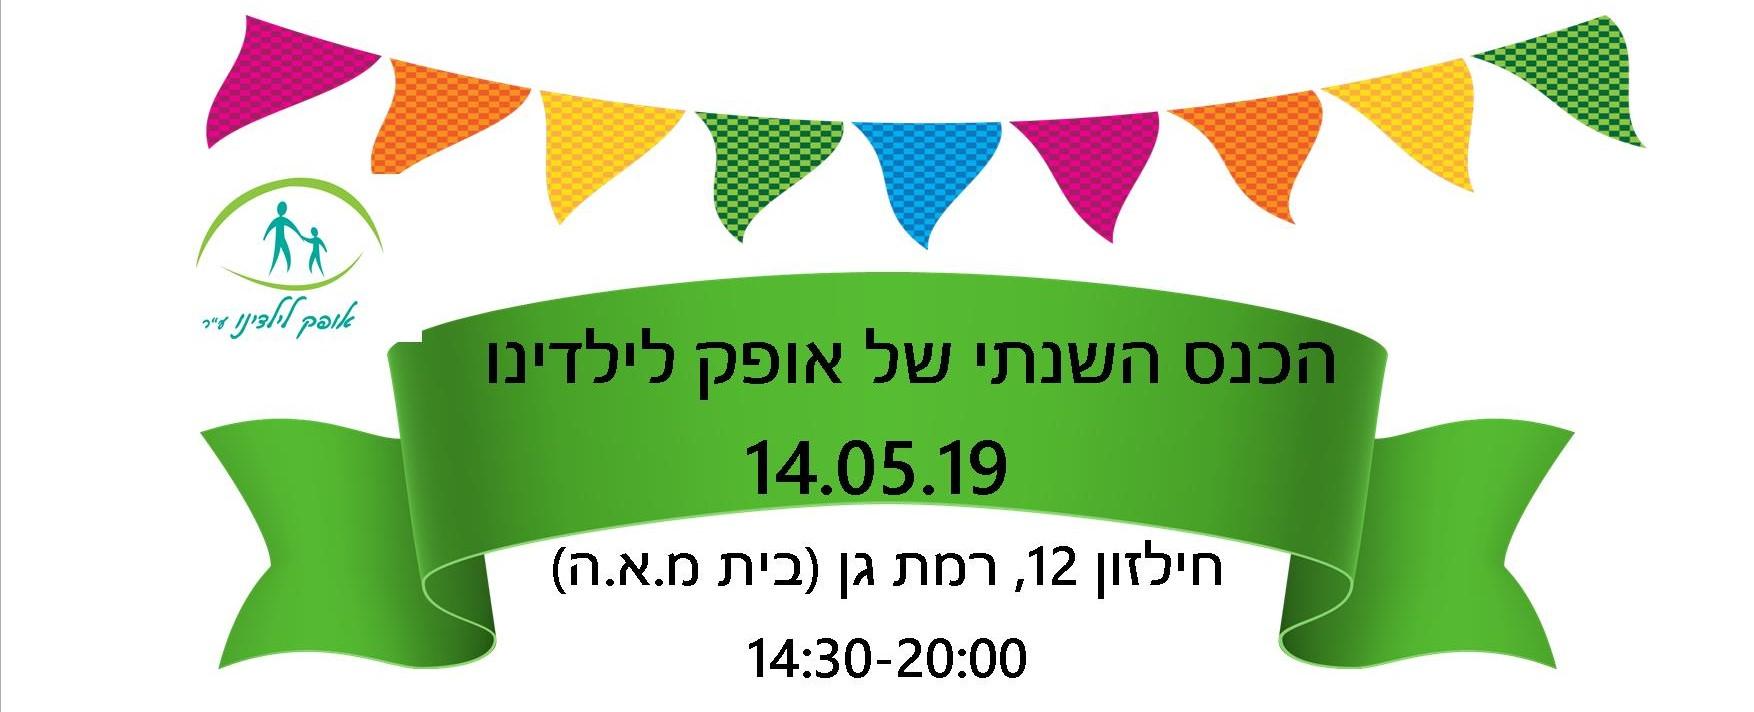 הכנס השנתי של אופק לילדינו 14.5.19 חילזון 12 רמת גן (בית מ.א.ה) 14:30-20:00